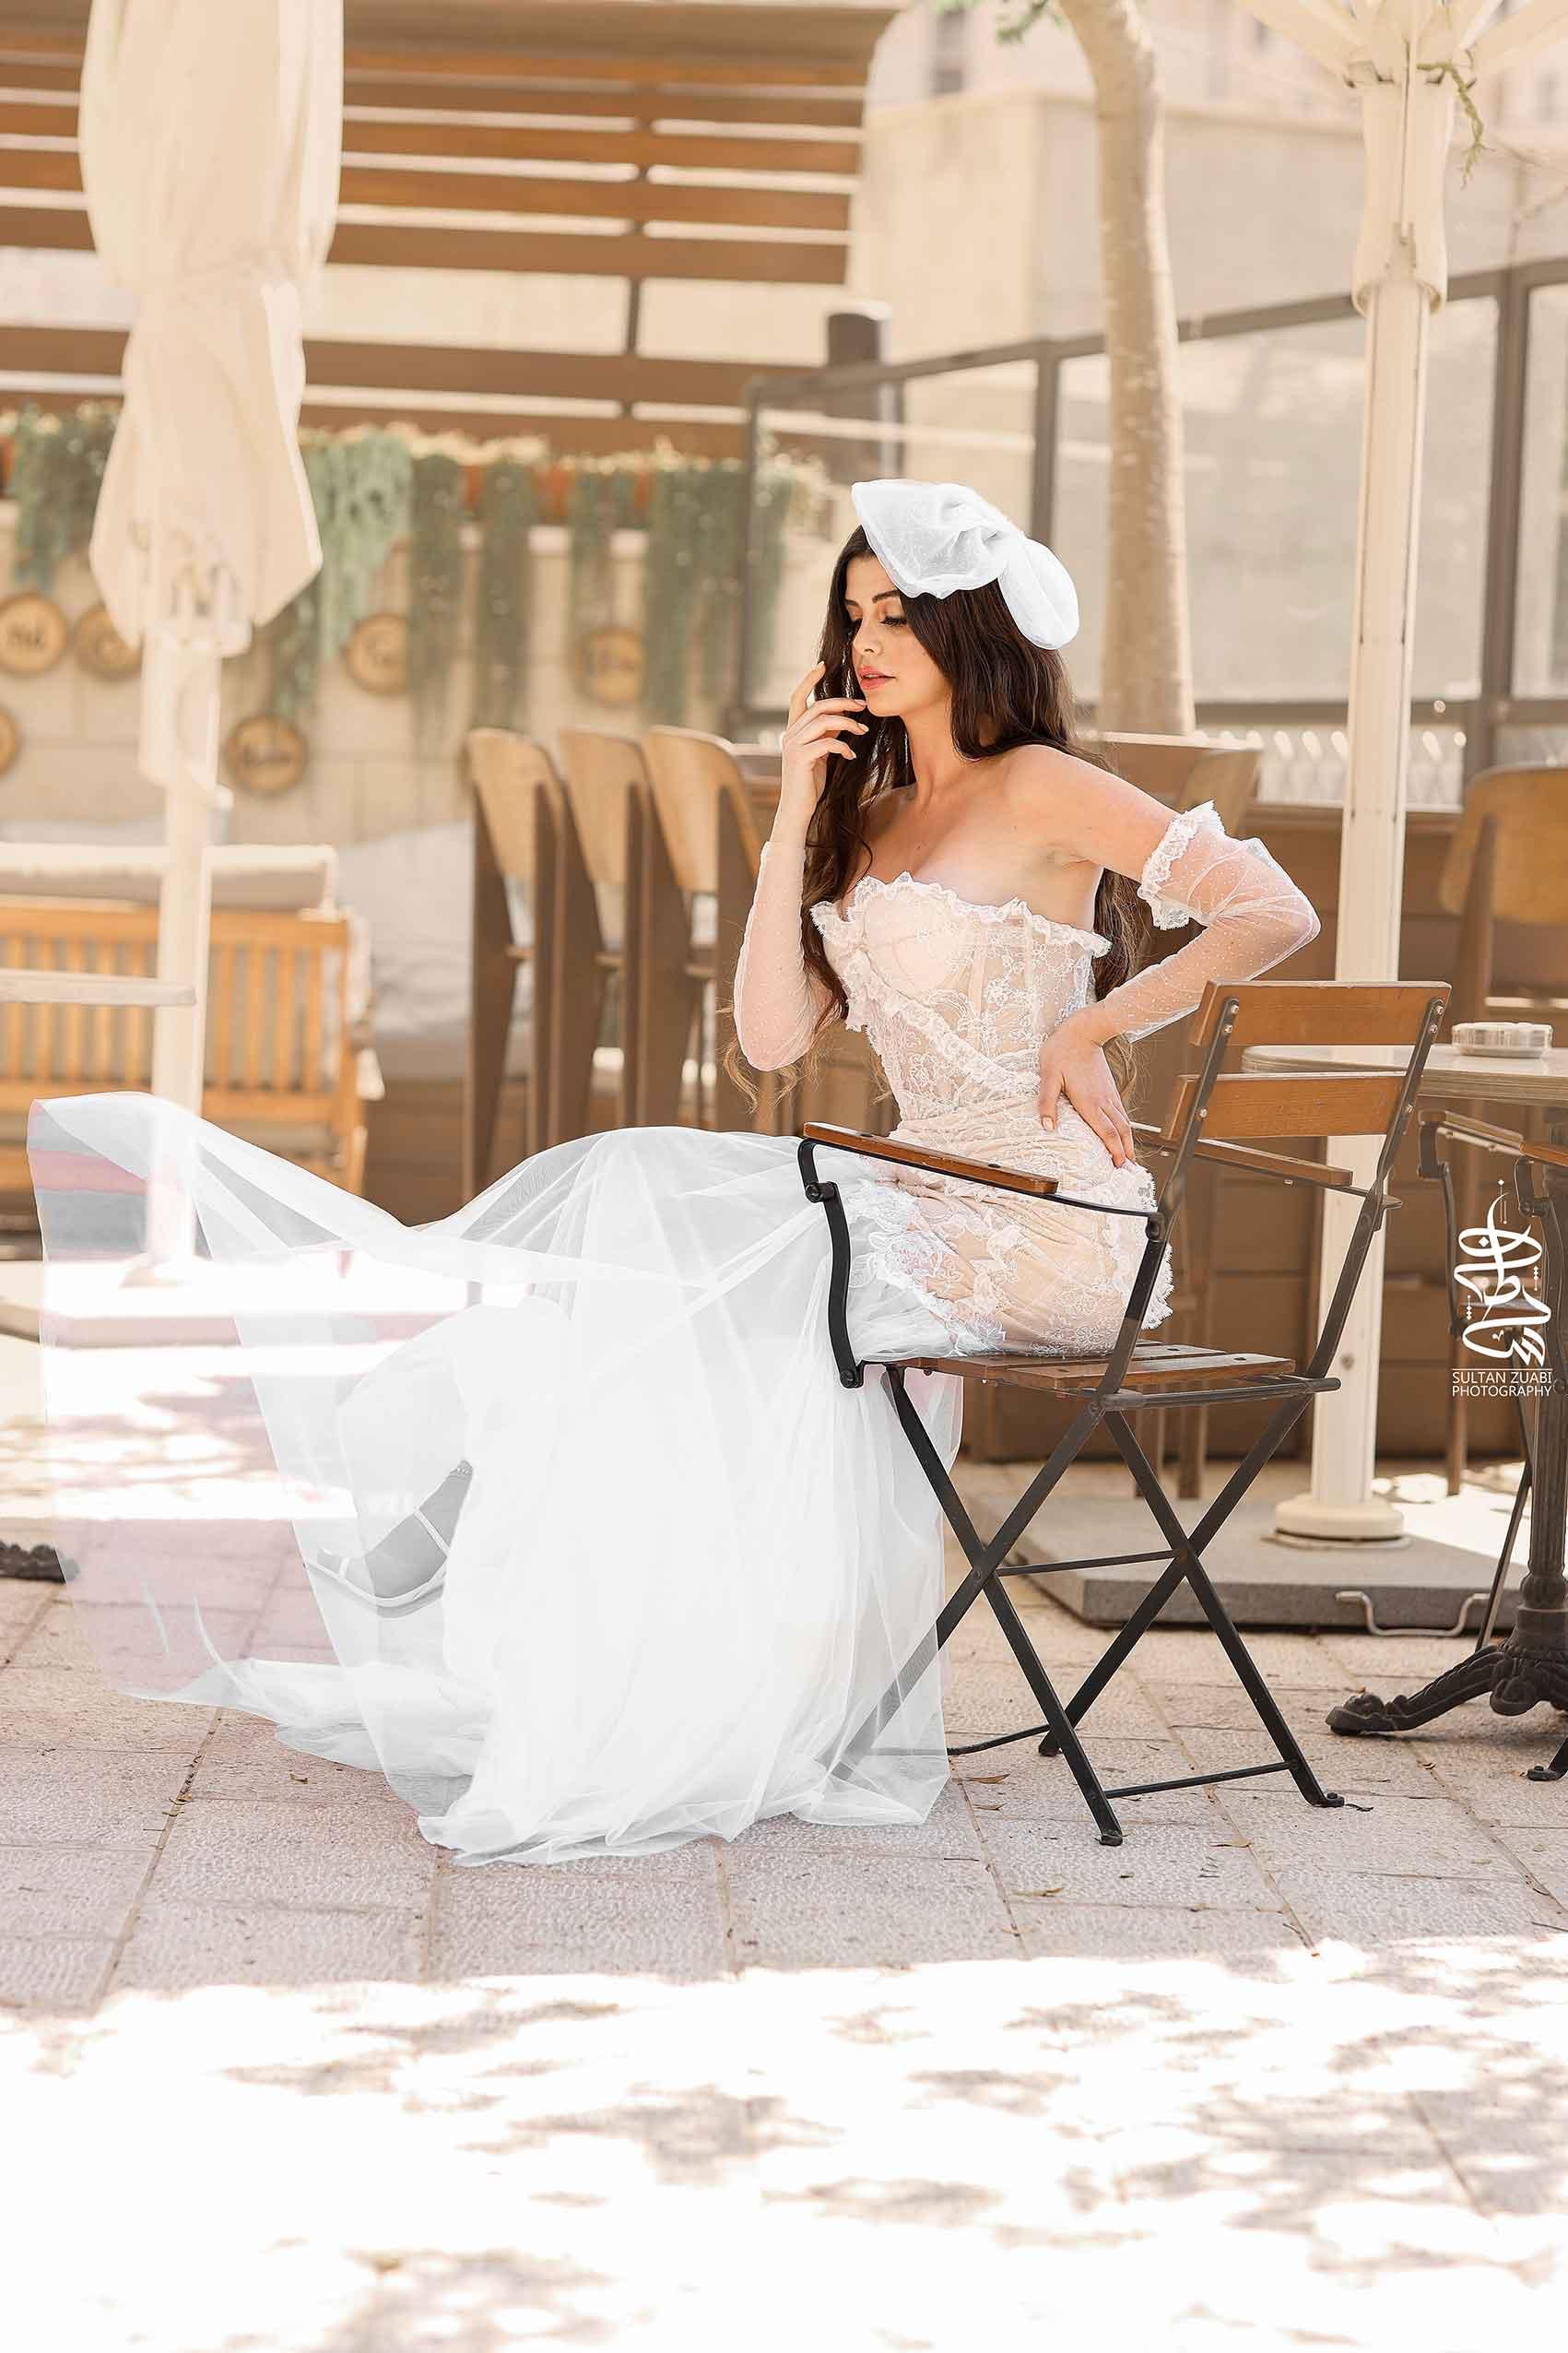 חנאן-אחמד-קולקציית-שמלות-כלה-קיץ-2020-מגזין-אופנה-169